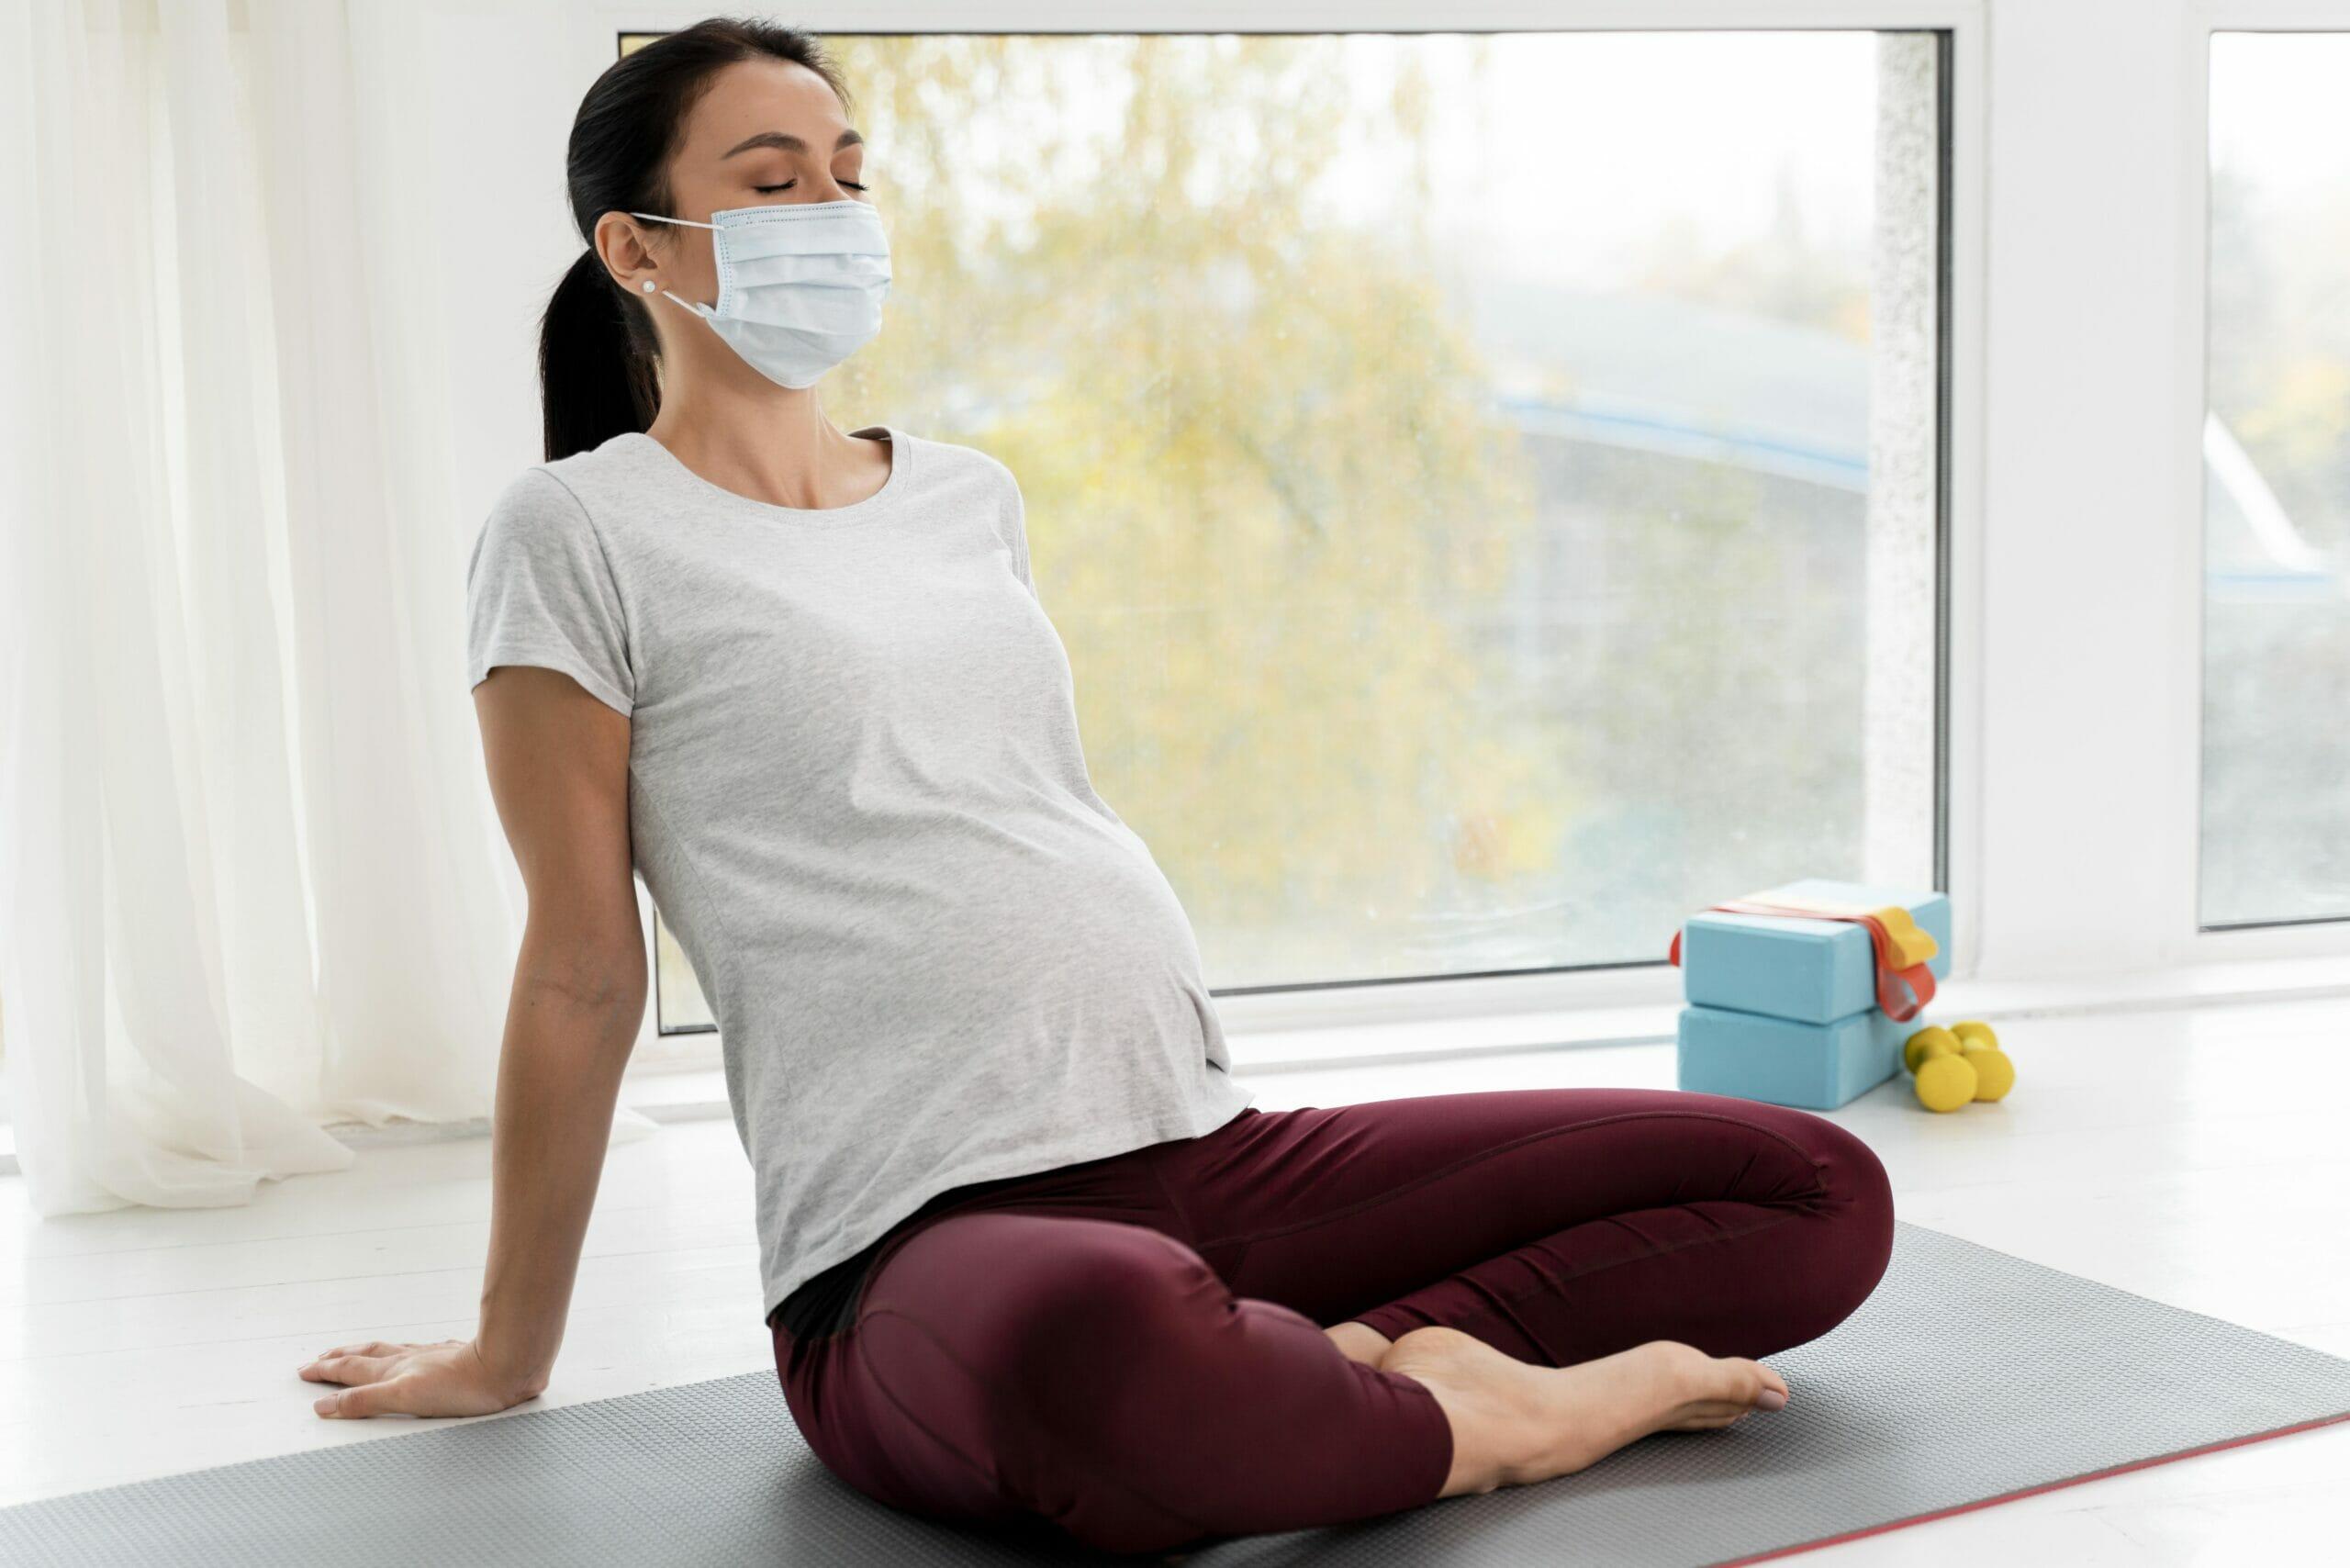 Gravidanza e Covid: perchè vaccinare subito anche le future mamme